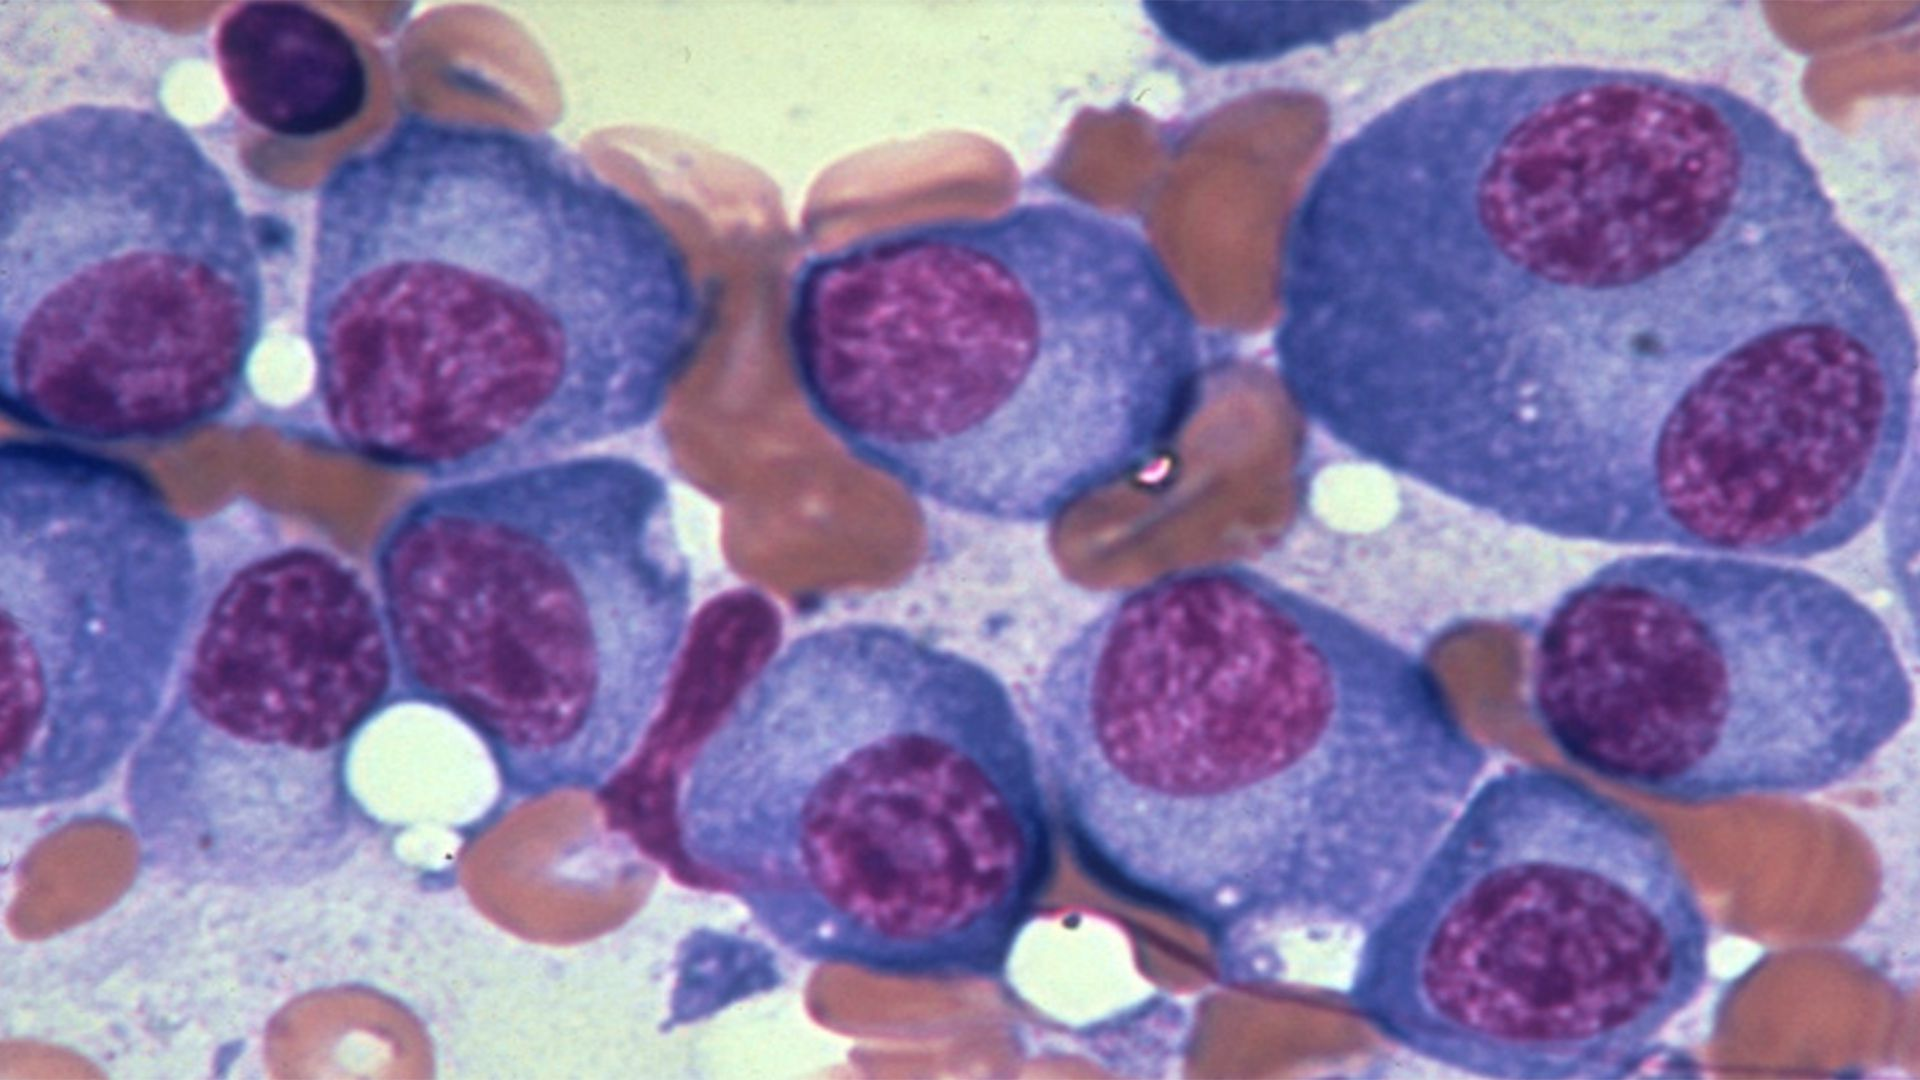 El mieloma múltiple se forma por el crecimiento anormal y acelerado de los plasmocitos, dañando a las células encargadas de producir anticuerpos para proteger al organismo